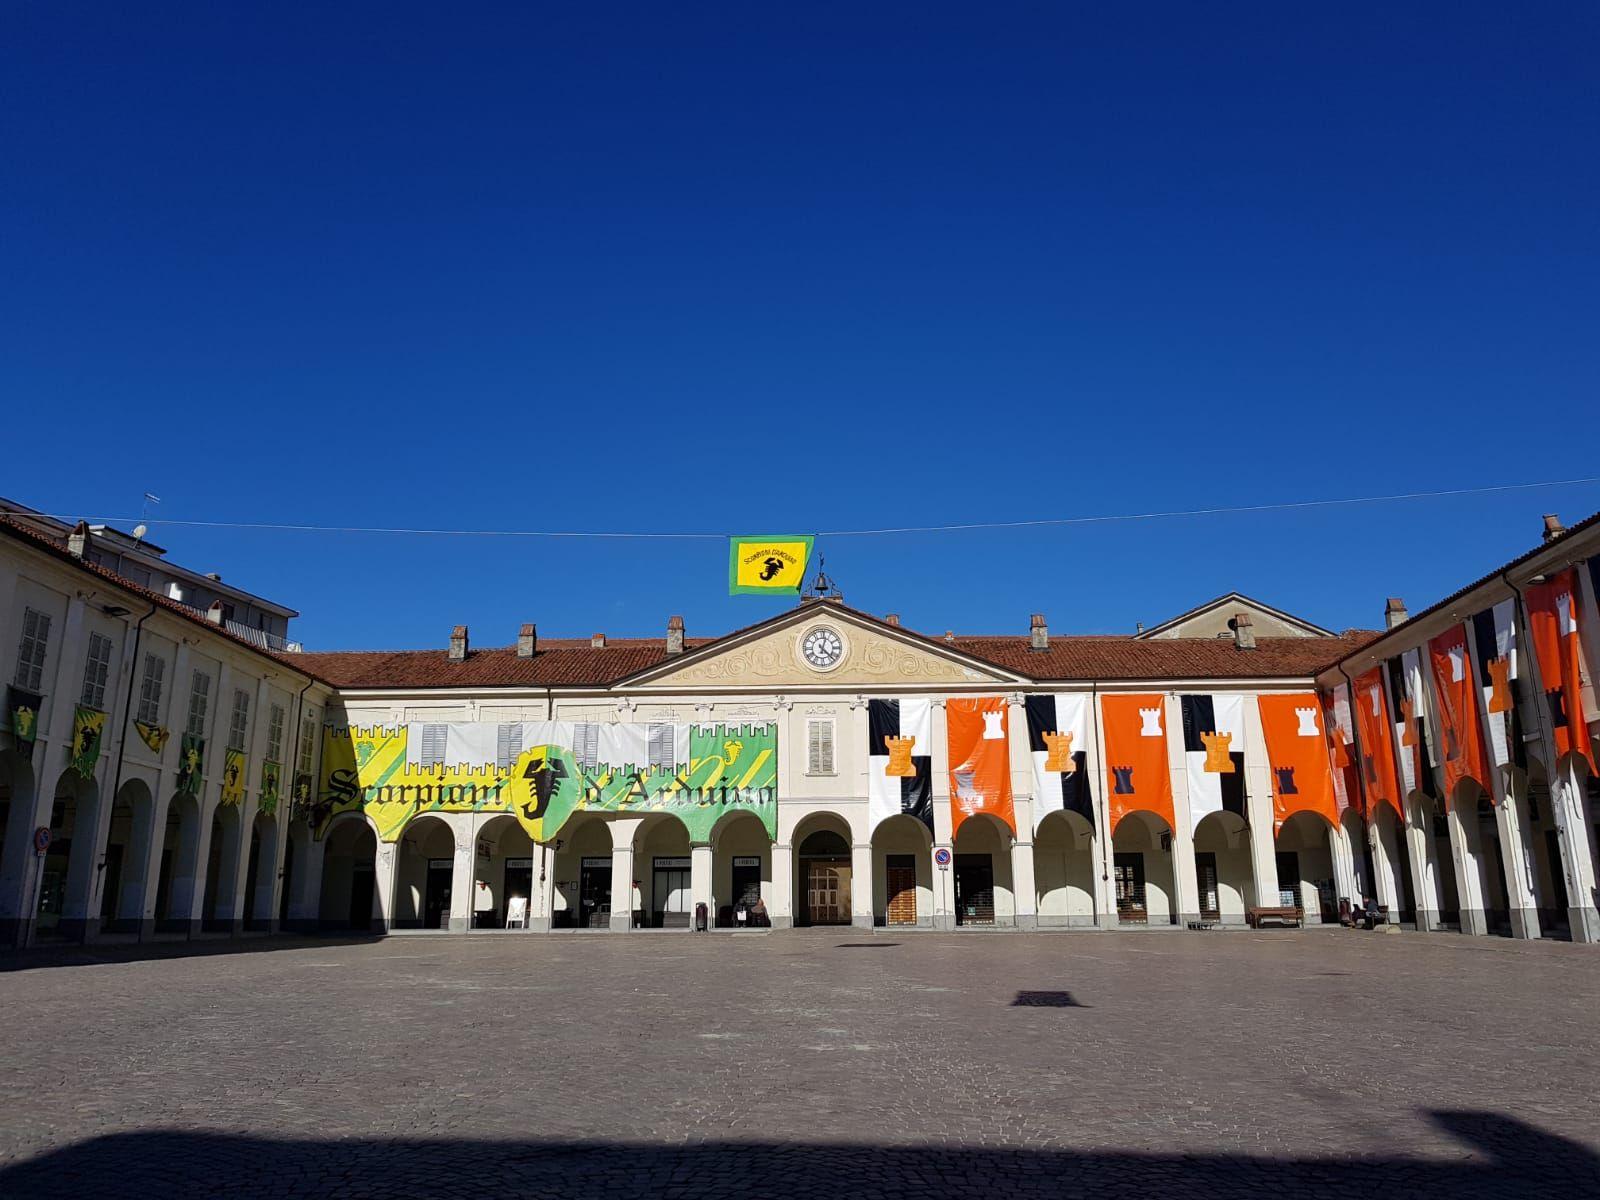 IVREA - La città si colora in attesa dello Storico Carnevale e della battaglia delle arance - FOTO